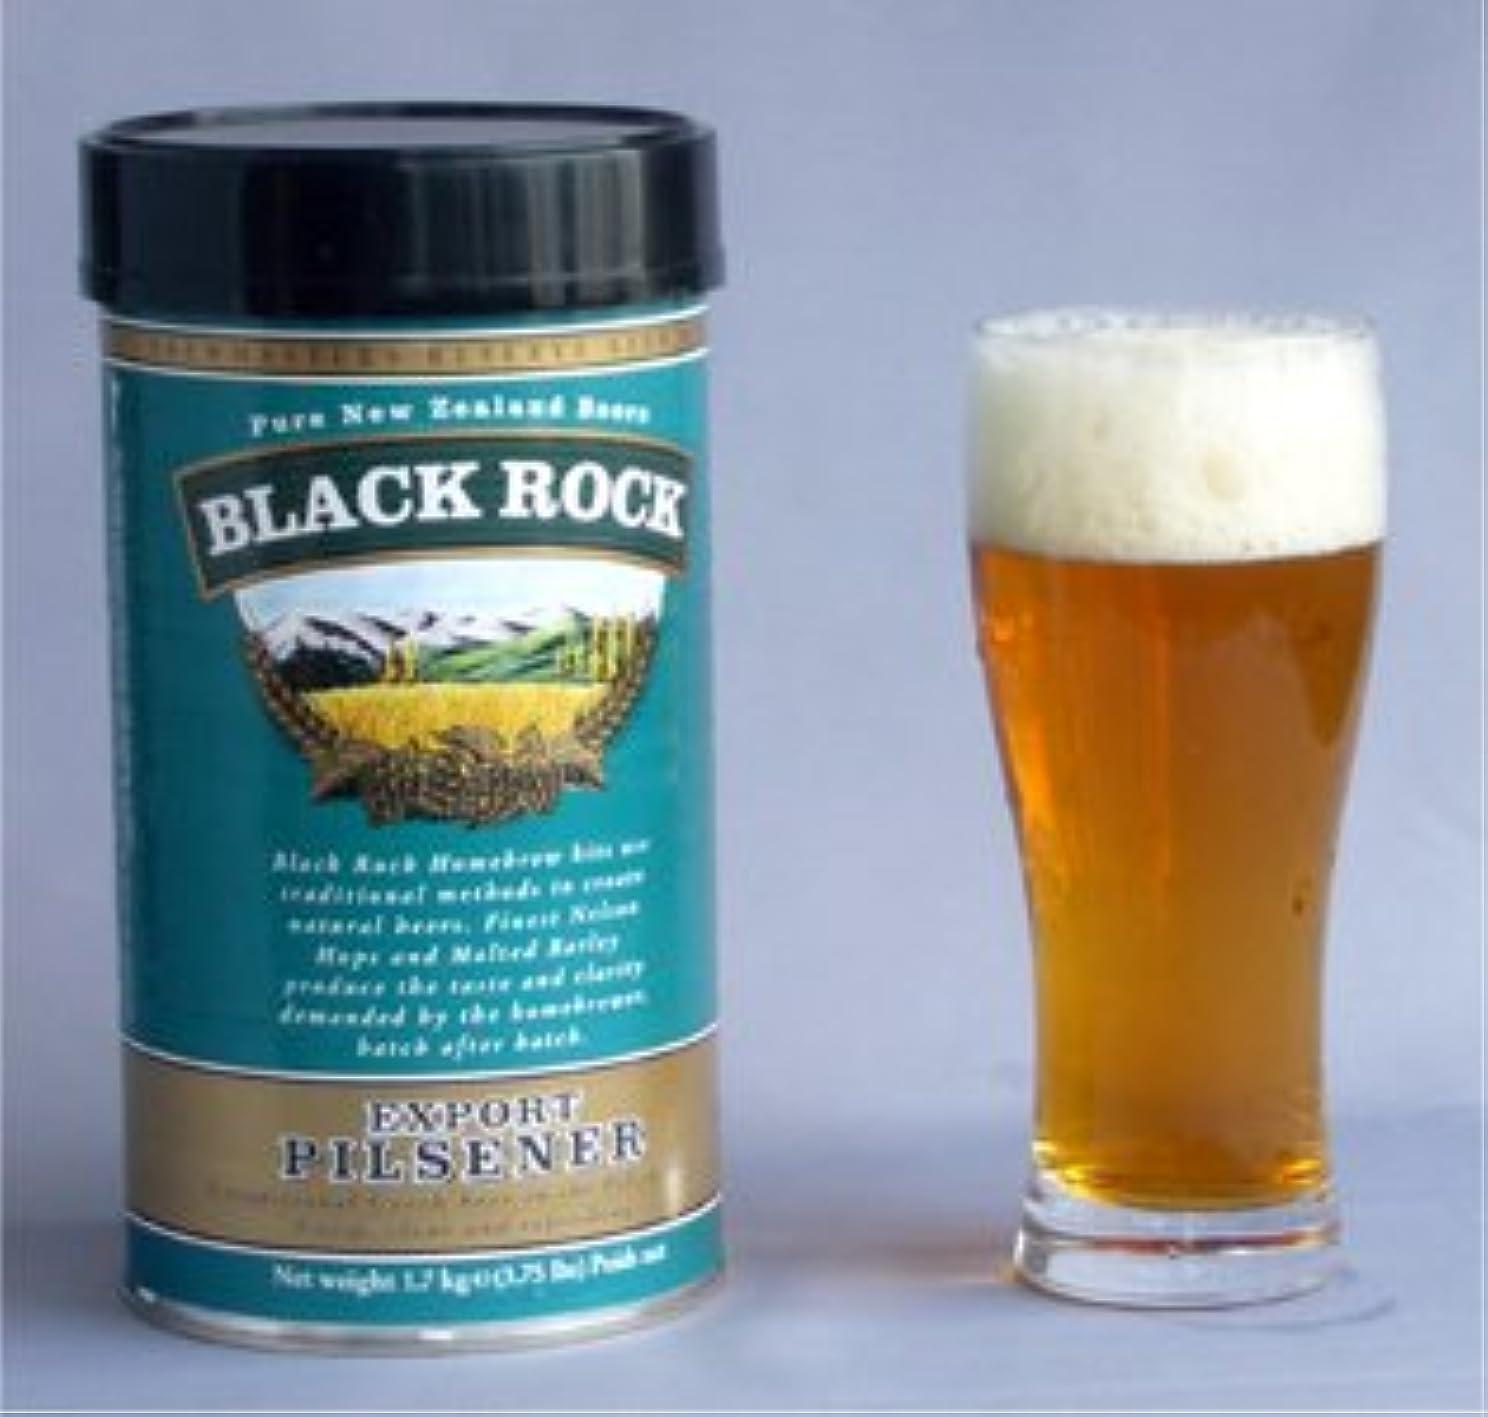 気質マイルストーンイベント手作りビールキット ブラックロック エキスポートピルスナー(缶単体、イースト付、オリジナル説明書添付)